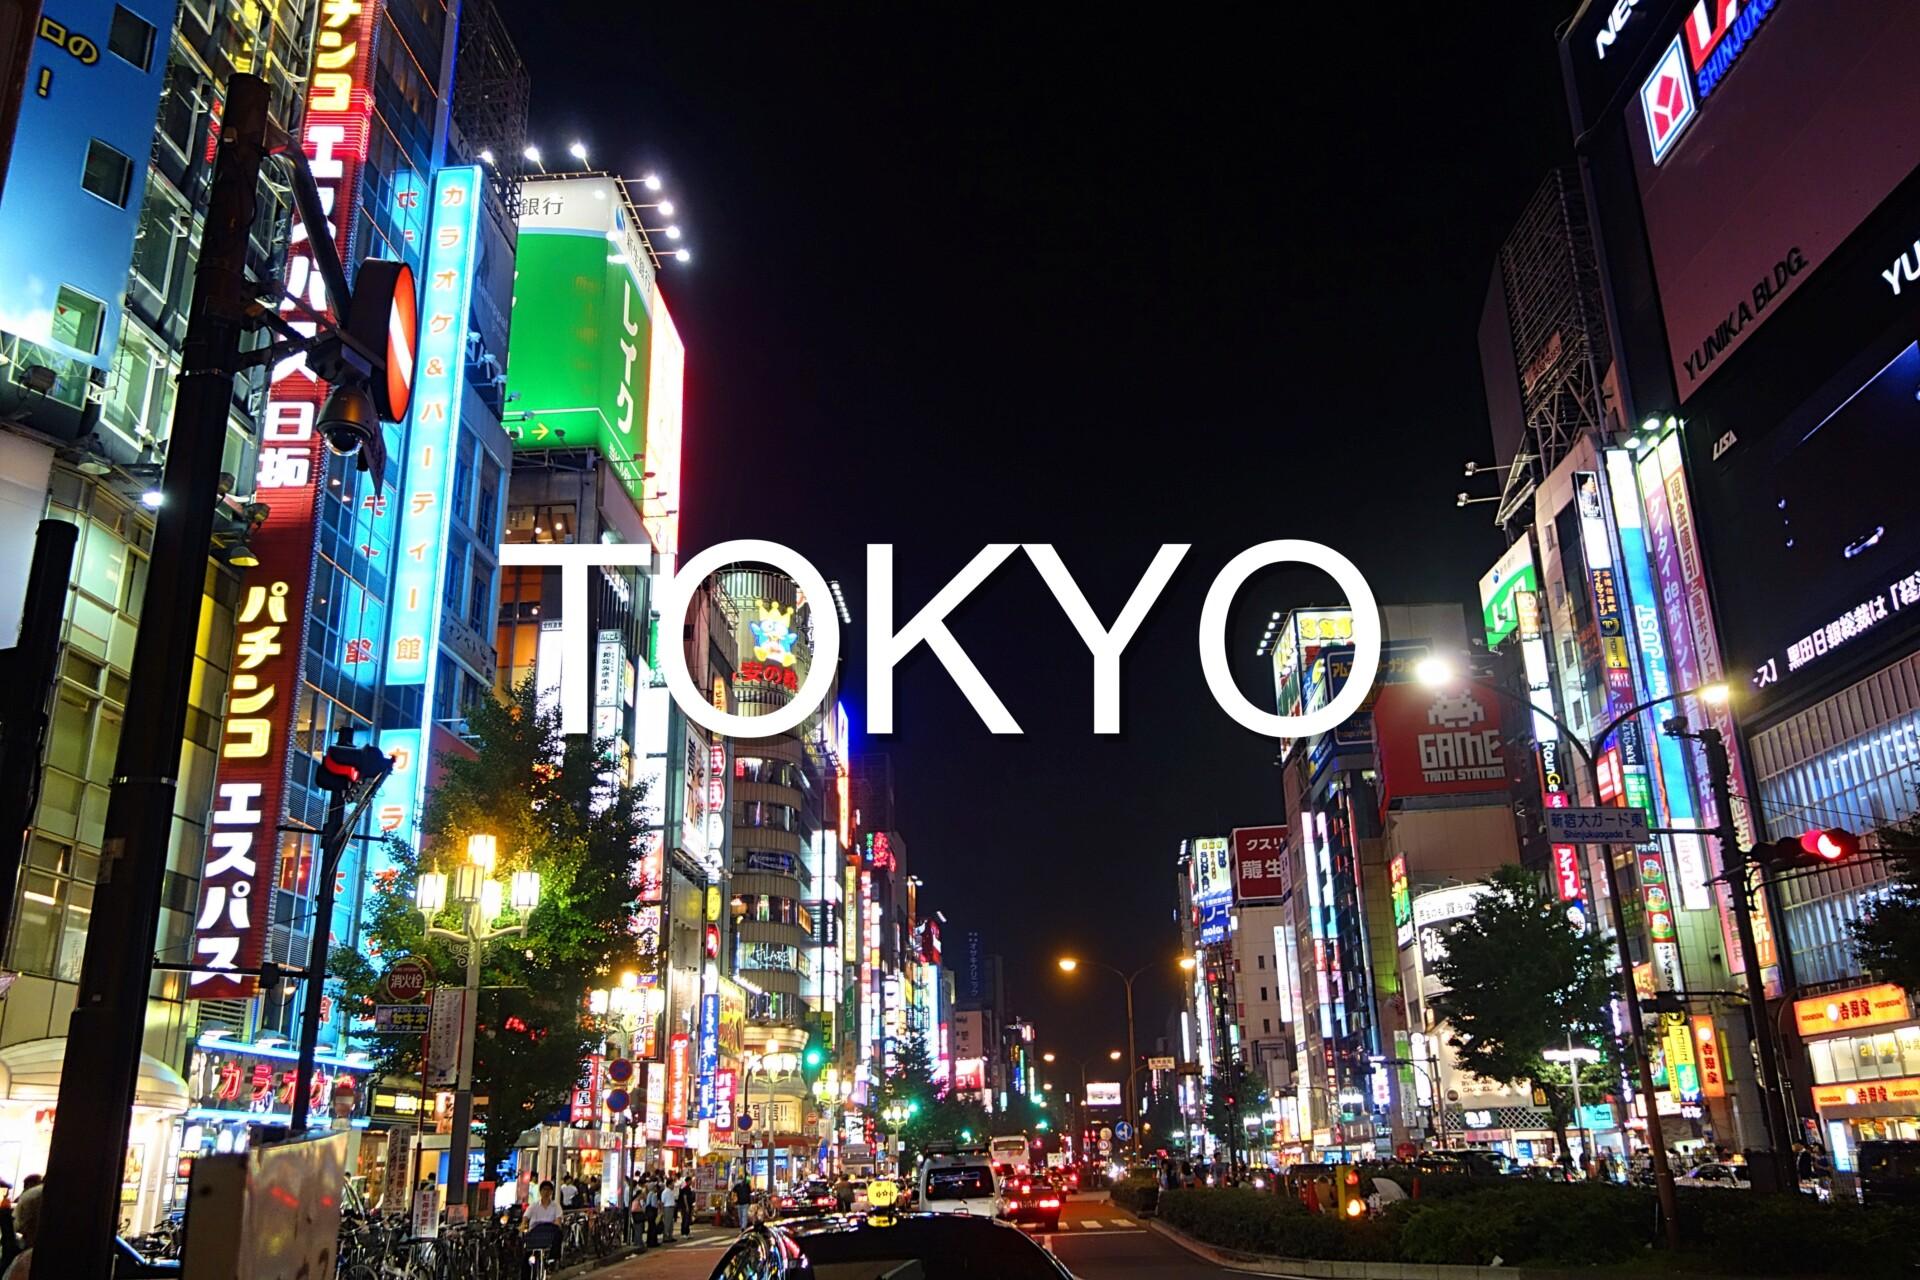 15 oplevelser i Tokyo der gør jeg elsker den by